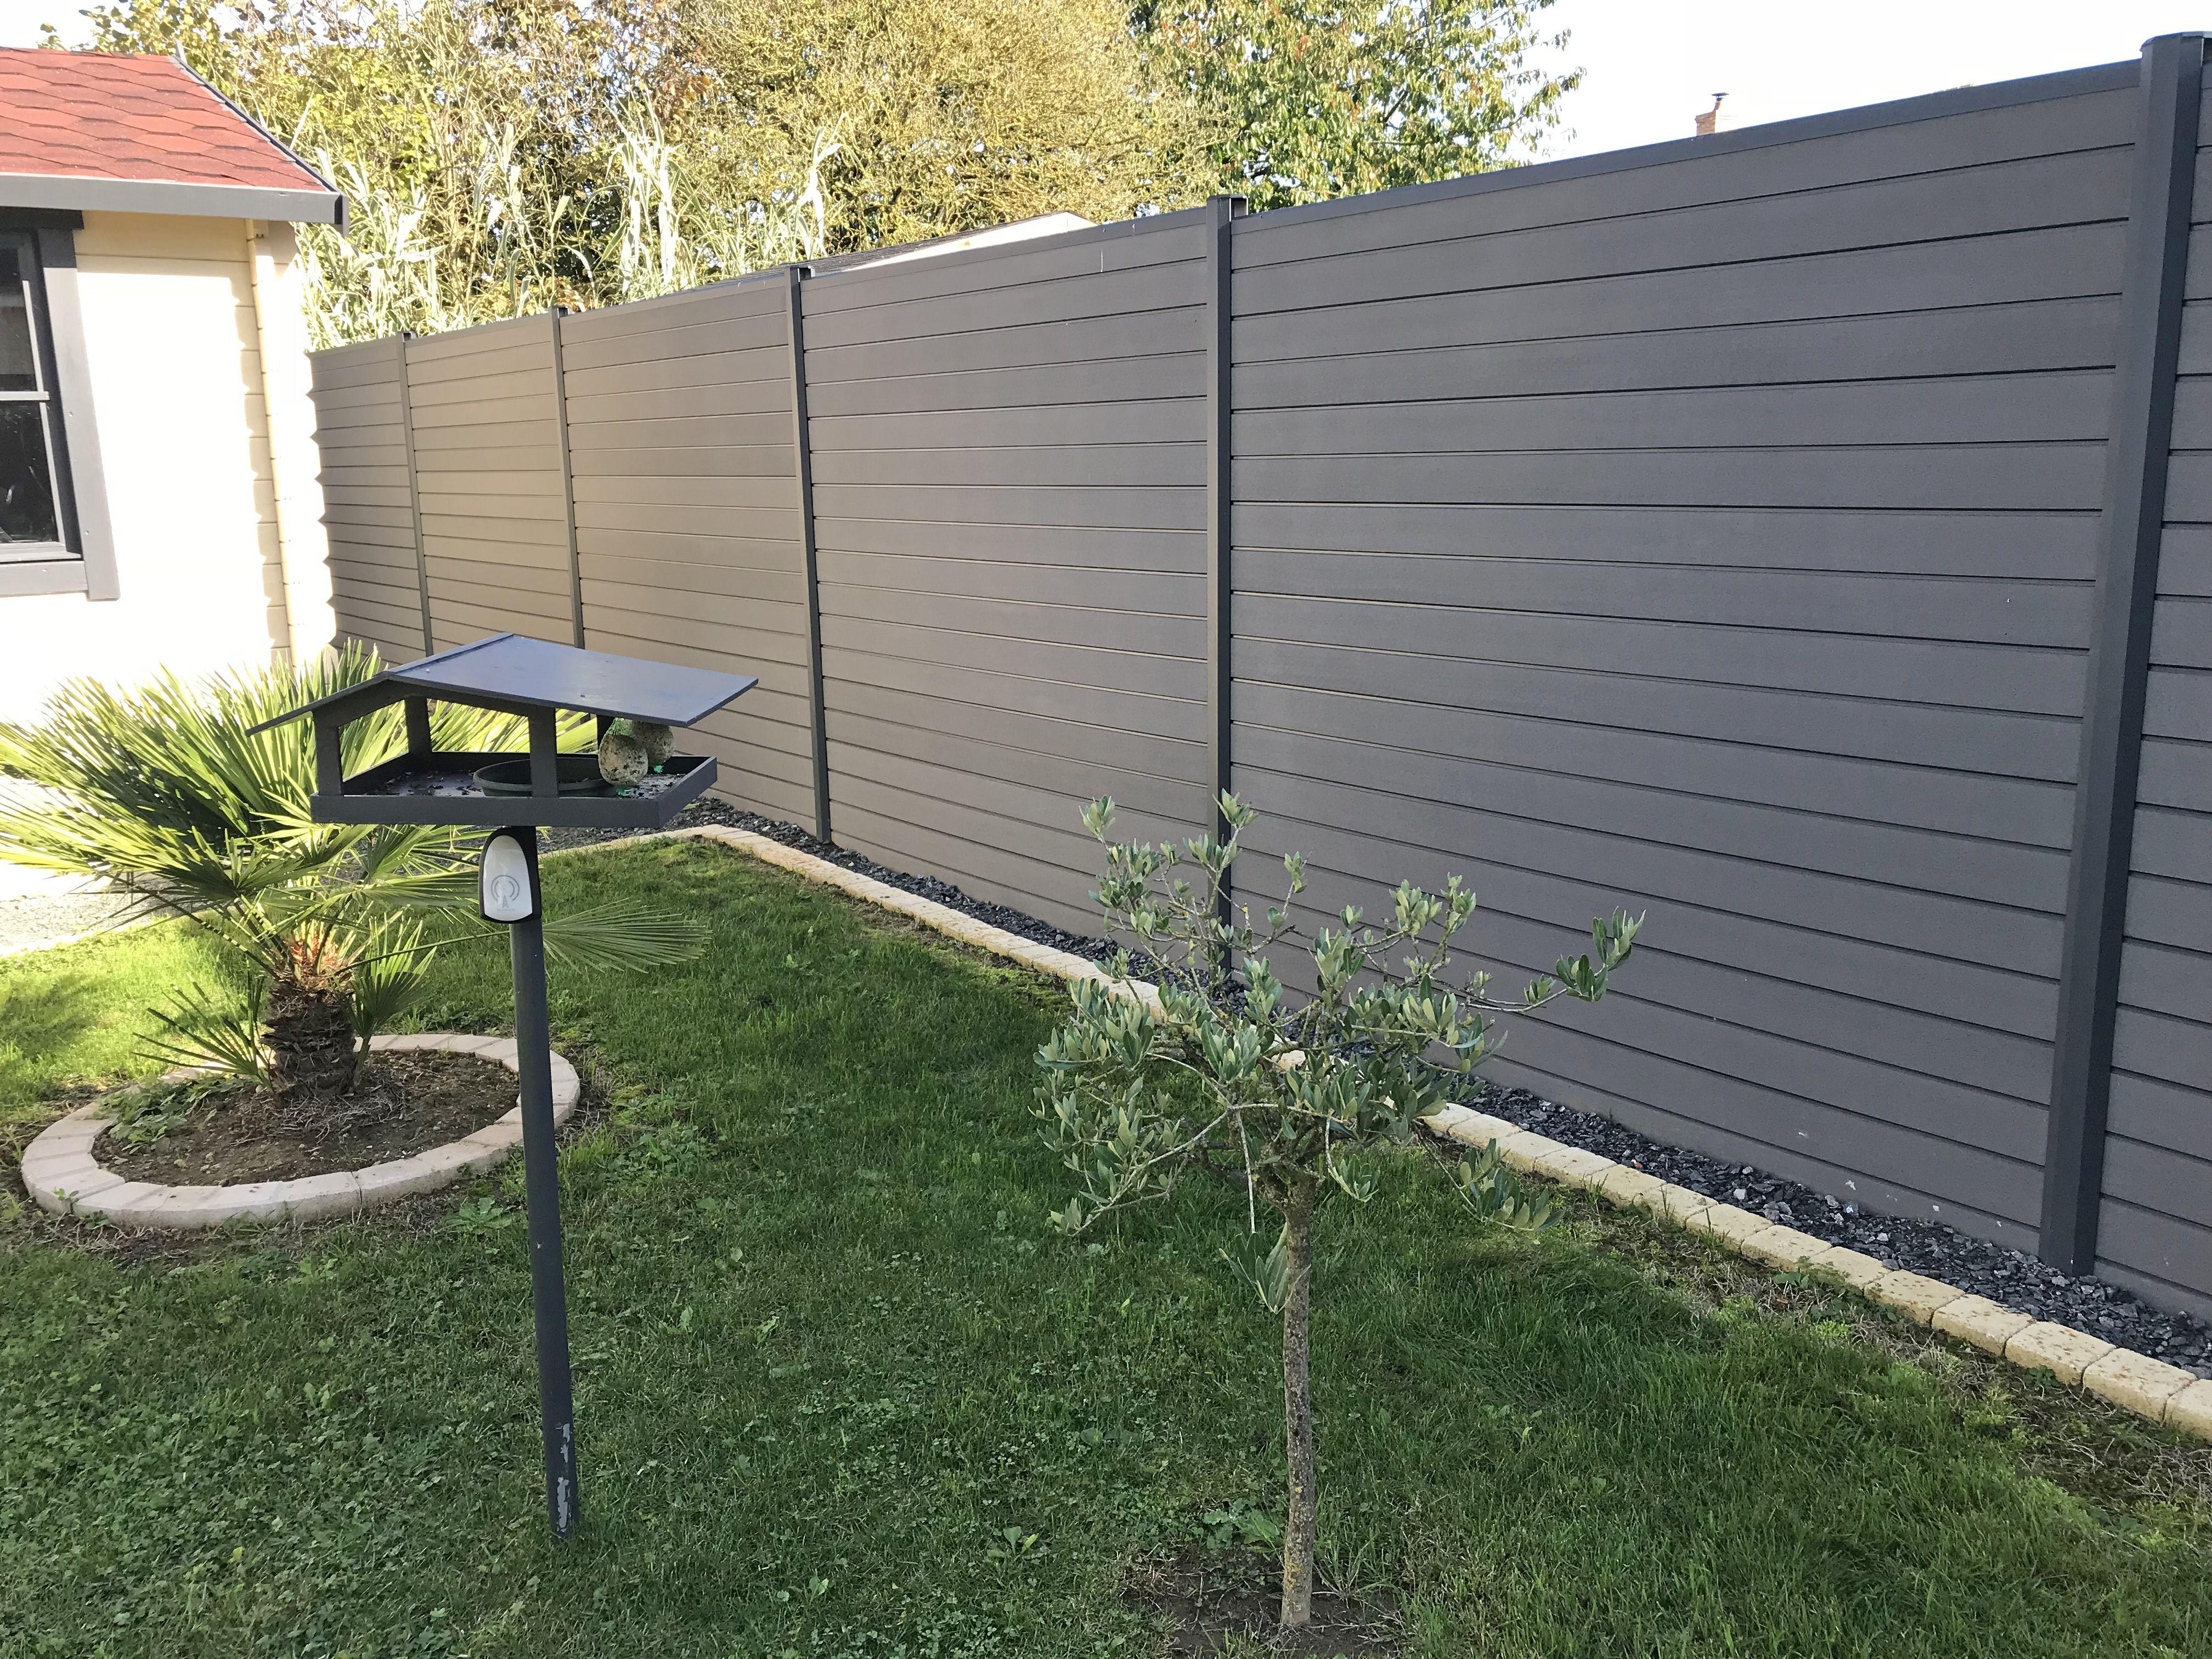 Cloture En Bois Composite Et Pvc Recycle Ocewood Cloture Bois